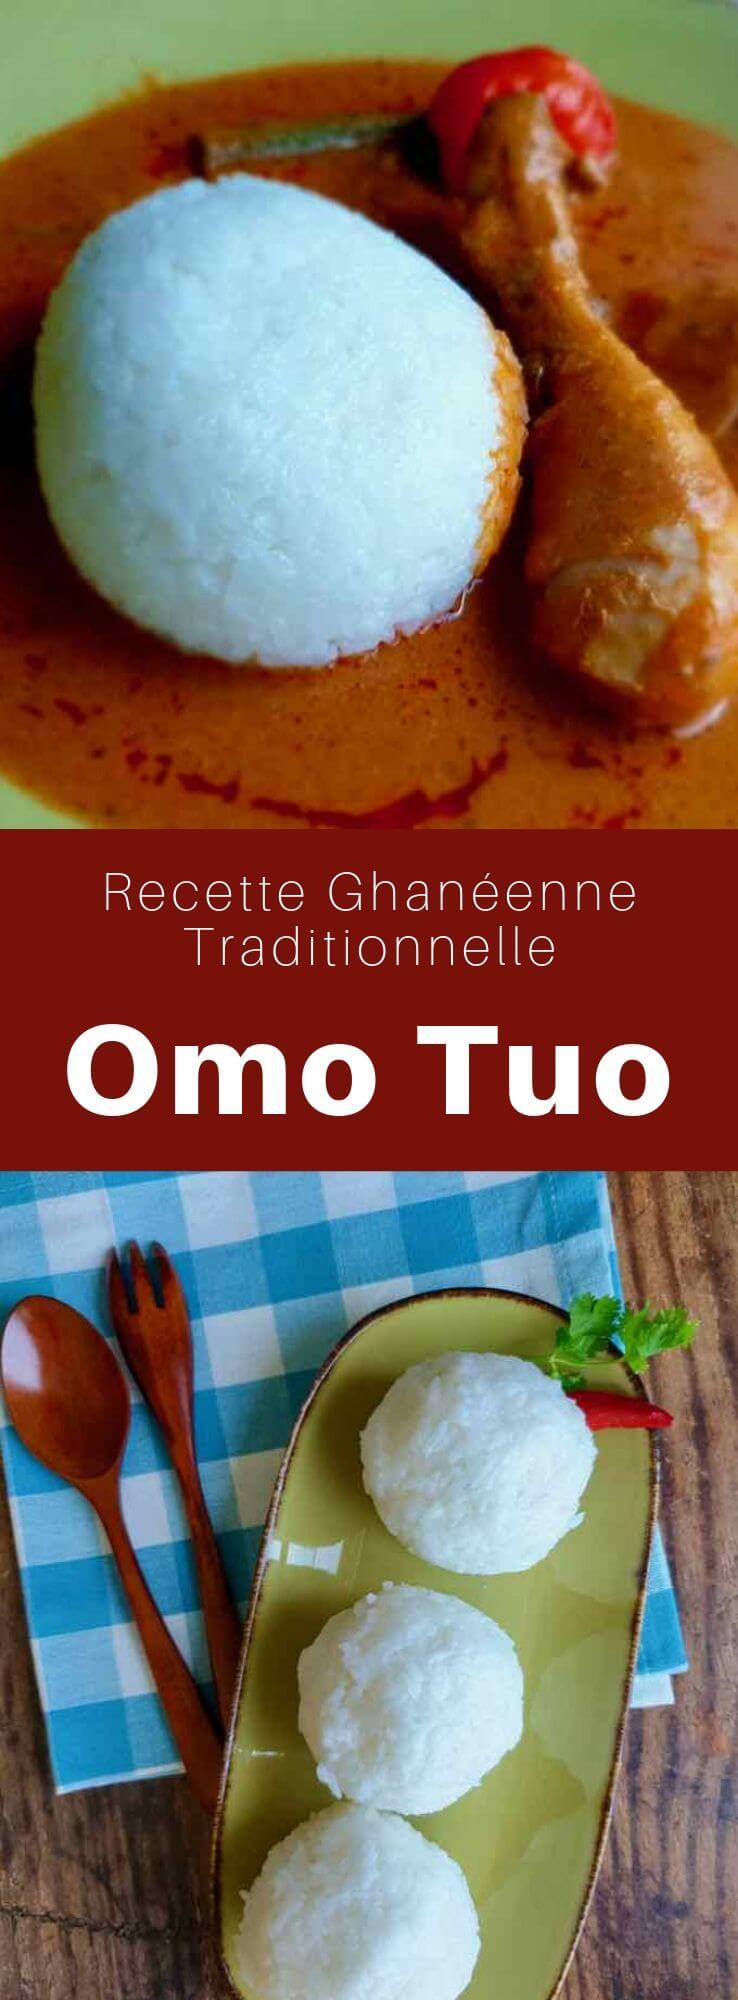 L'omo tuo est un plat d'accompagnement ghanéen originaire du peuple haoussa, préparé en cuisant du riz, puis en faisant des boules collantes. #Ghana #Afrique #AfriqueDeLouest #RecetteAfricaine #CuisineAfricaine #CuisineDuMonde #196flavors